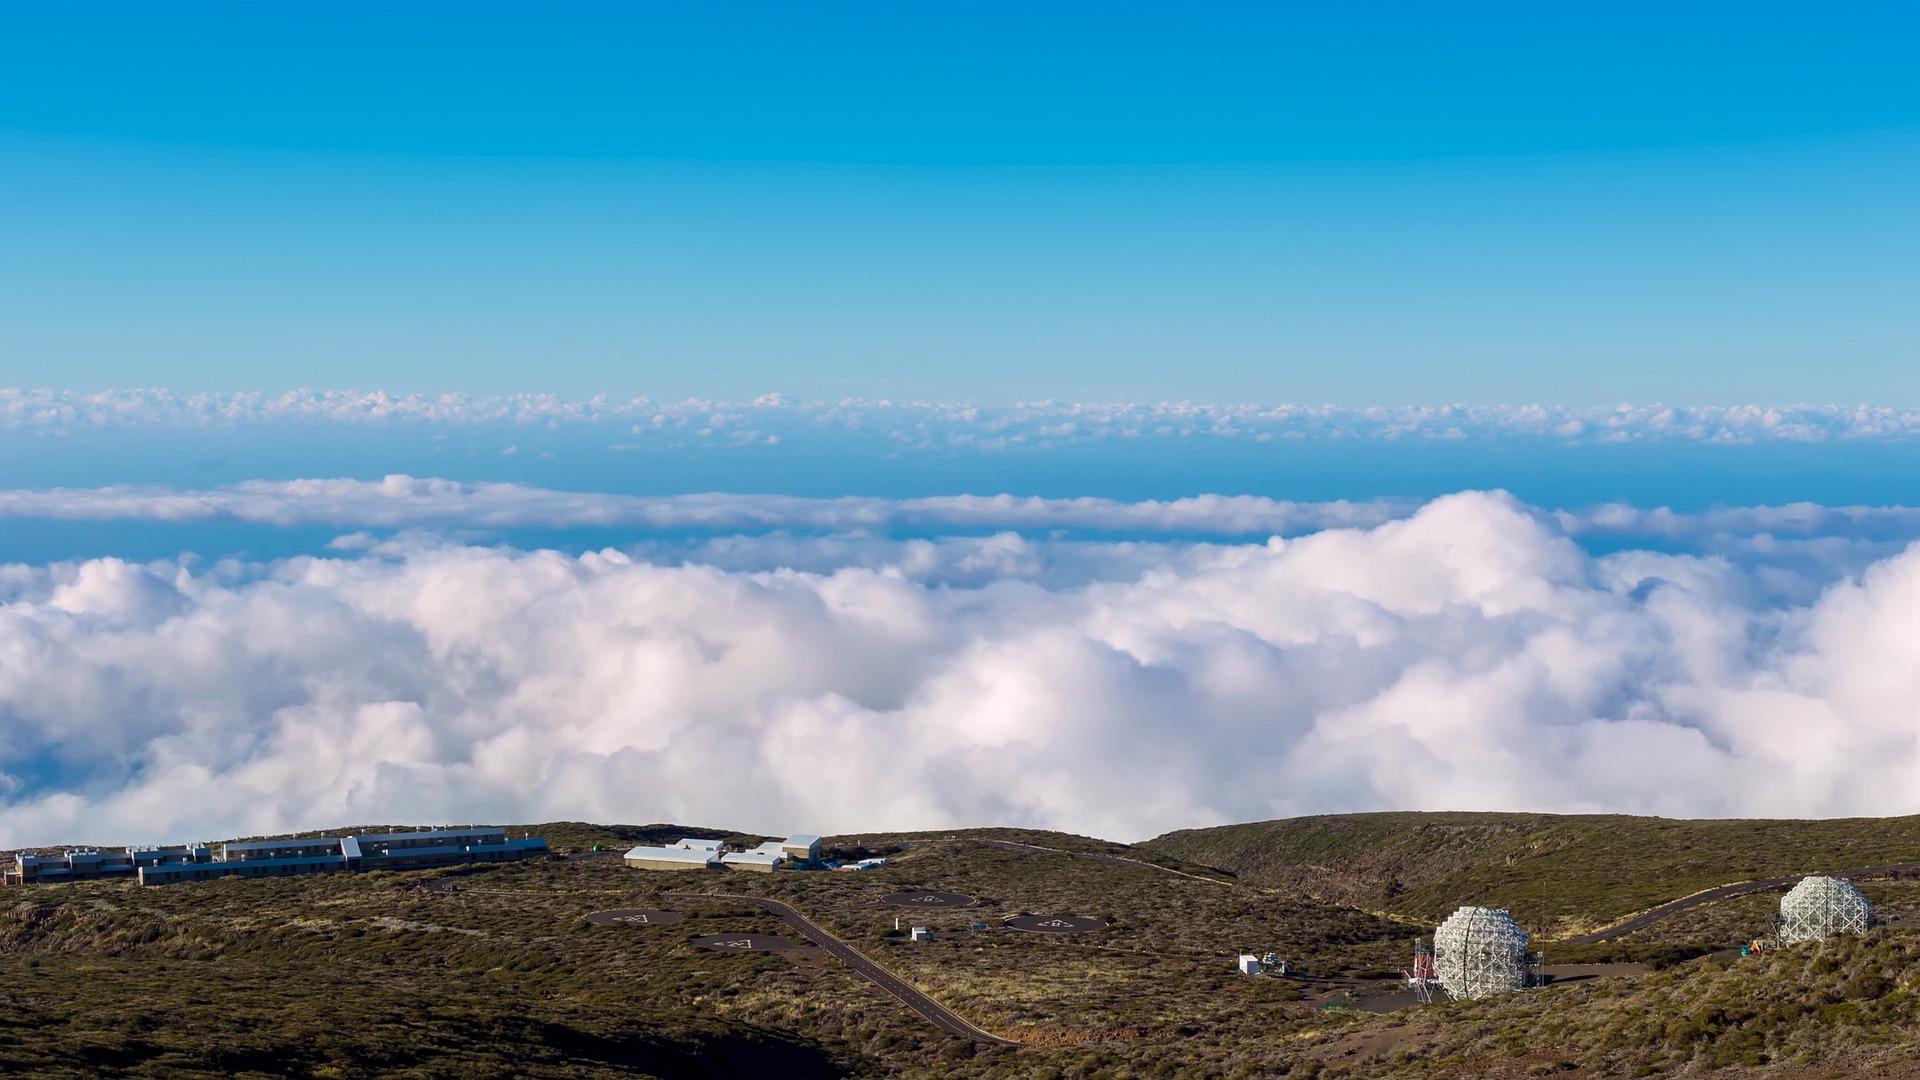 Aussichtspunkt Sternen Himmel Ferienwohnung auf La Palma eine Woche günstig ab 210,00€ p.P